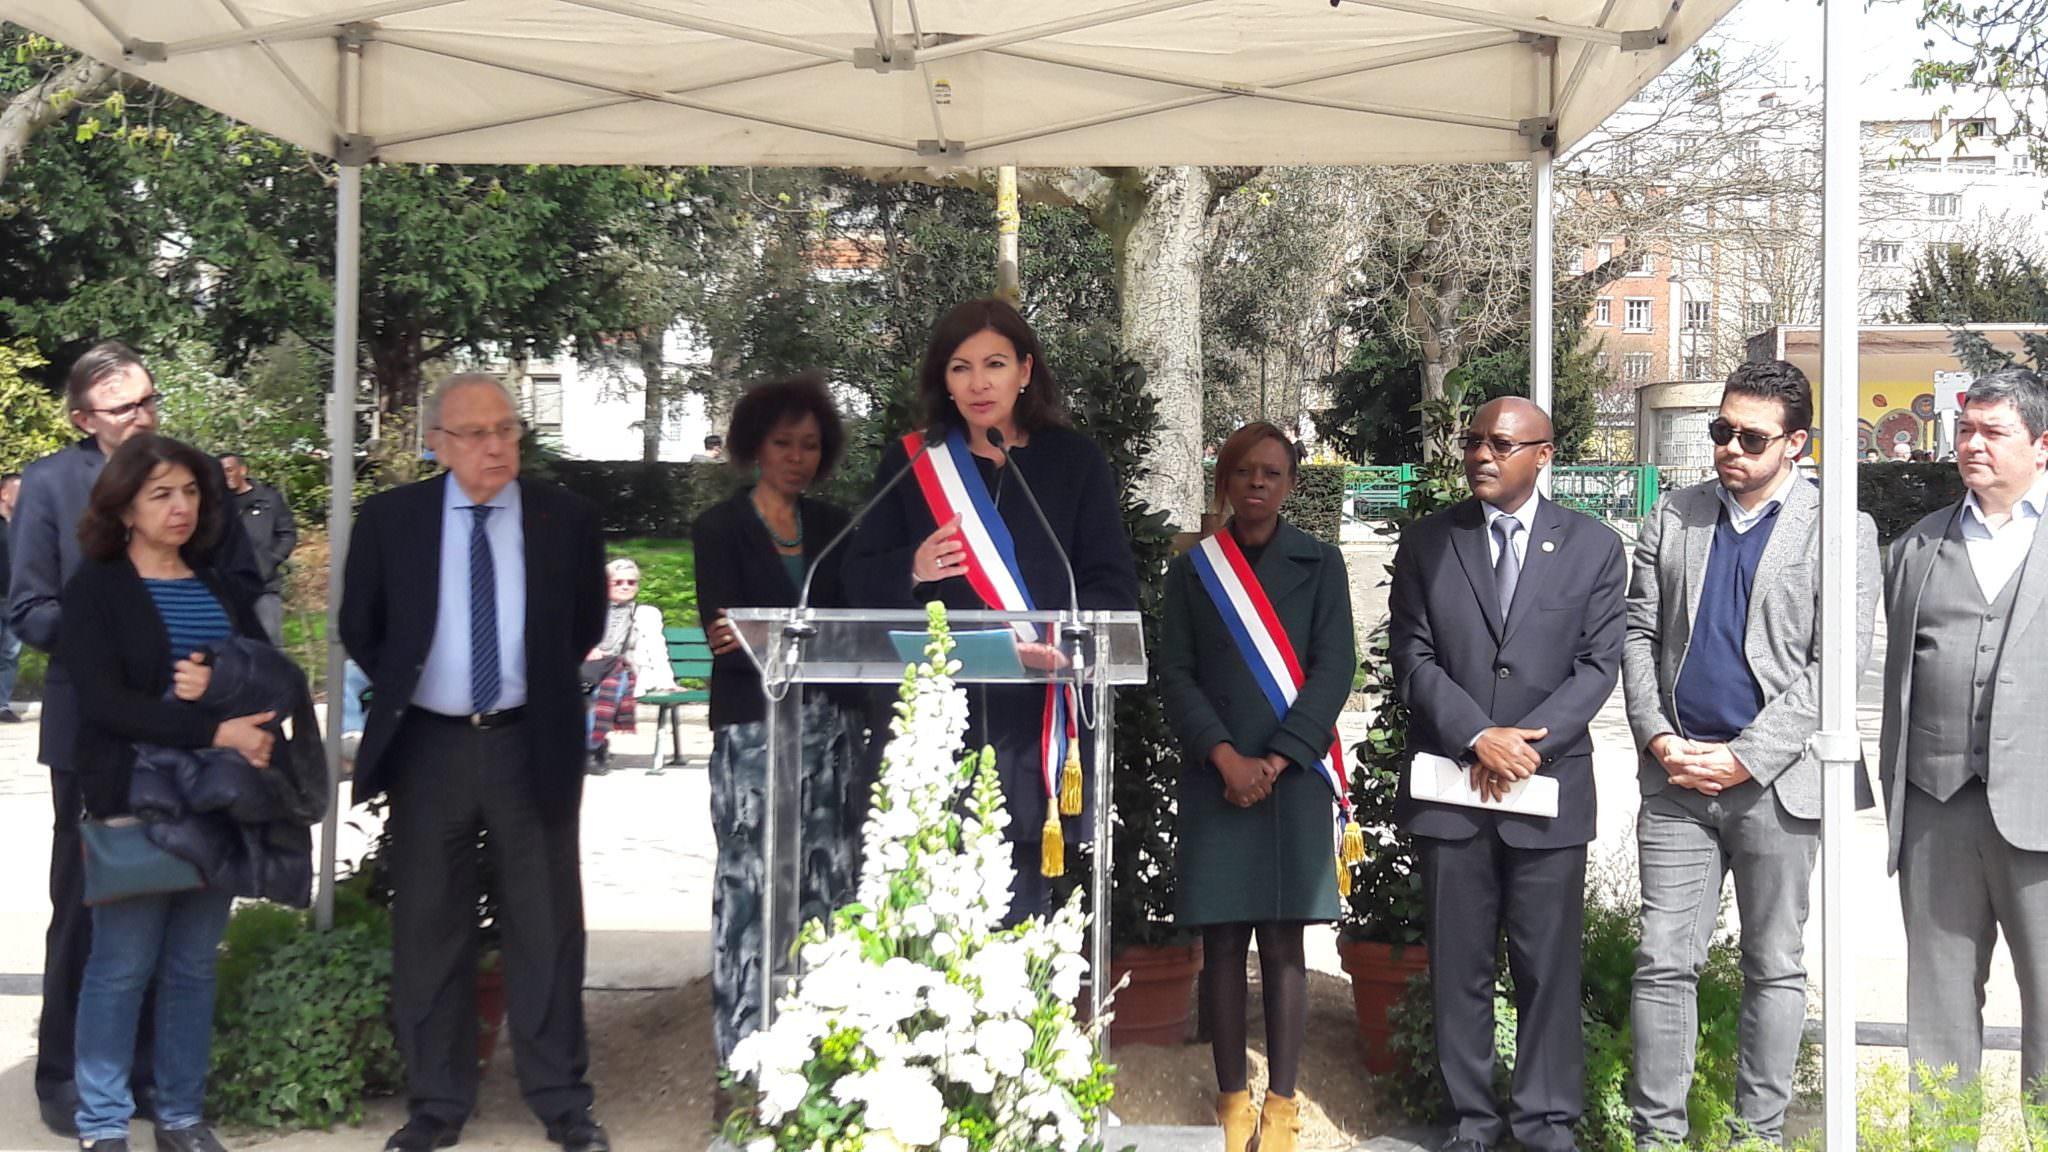 Paris - Samedi 07 Avril 2018, jardin de la mémoire, Parc de Choisy, commémoration du 24e anniversaire du génocide Rwandais-Mme Anne Hidalgo